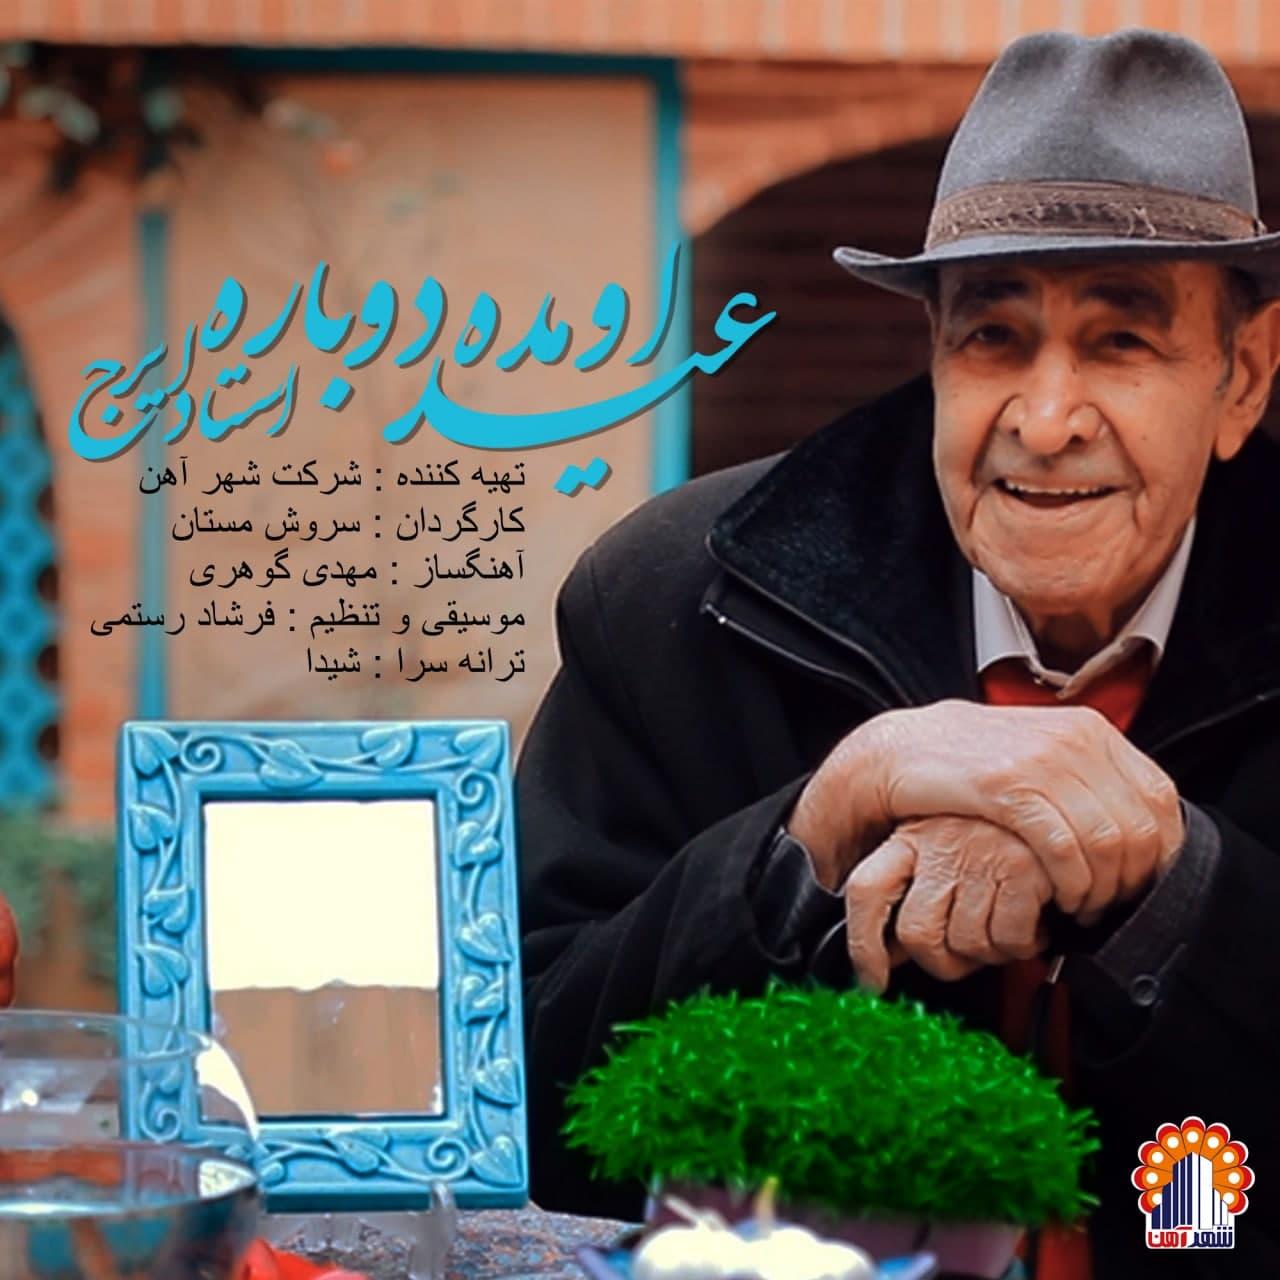 دانلود موزیک جدید ایرج خواجه امیری عید اومده دوباره